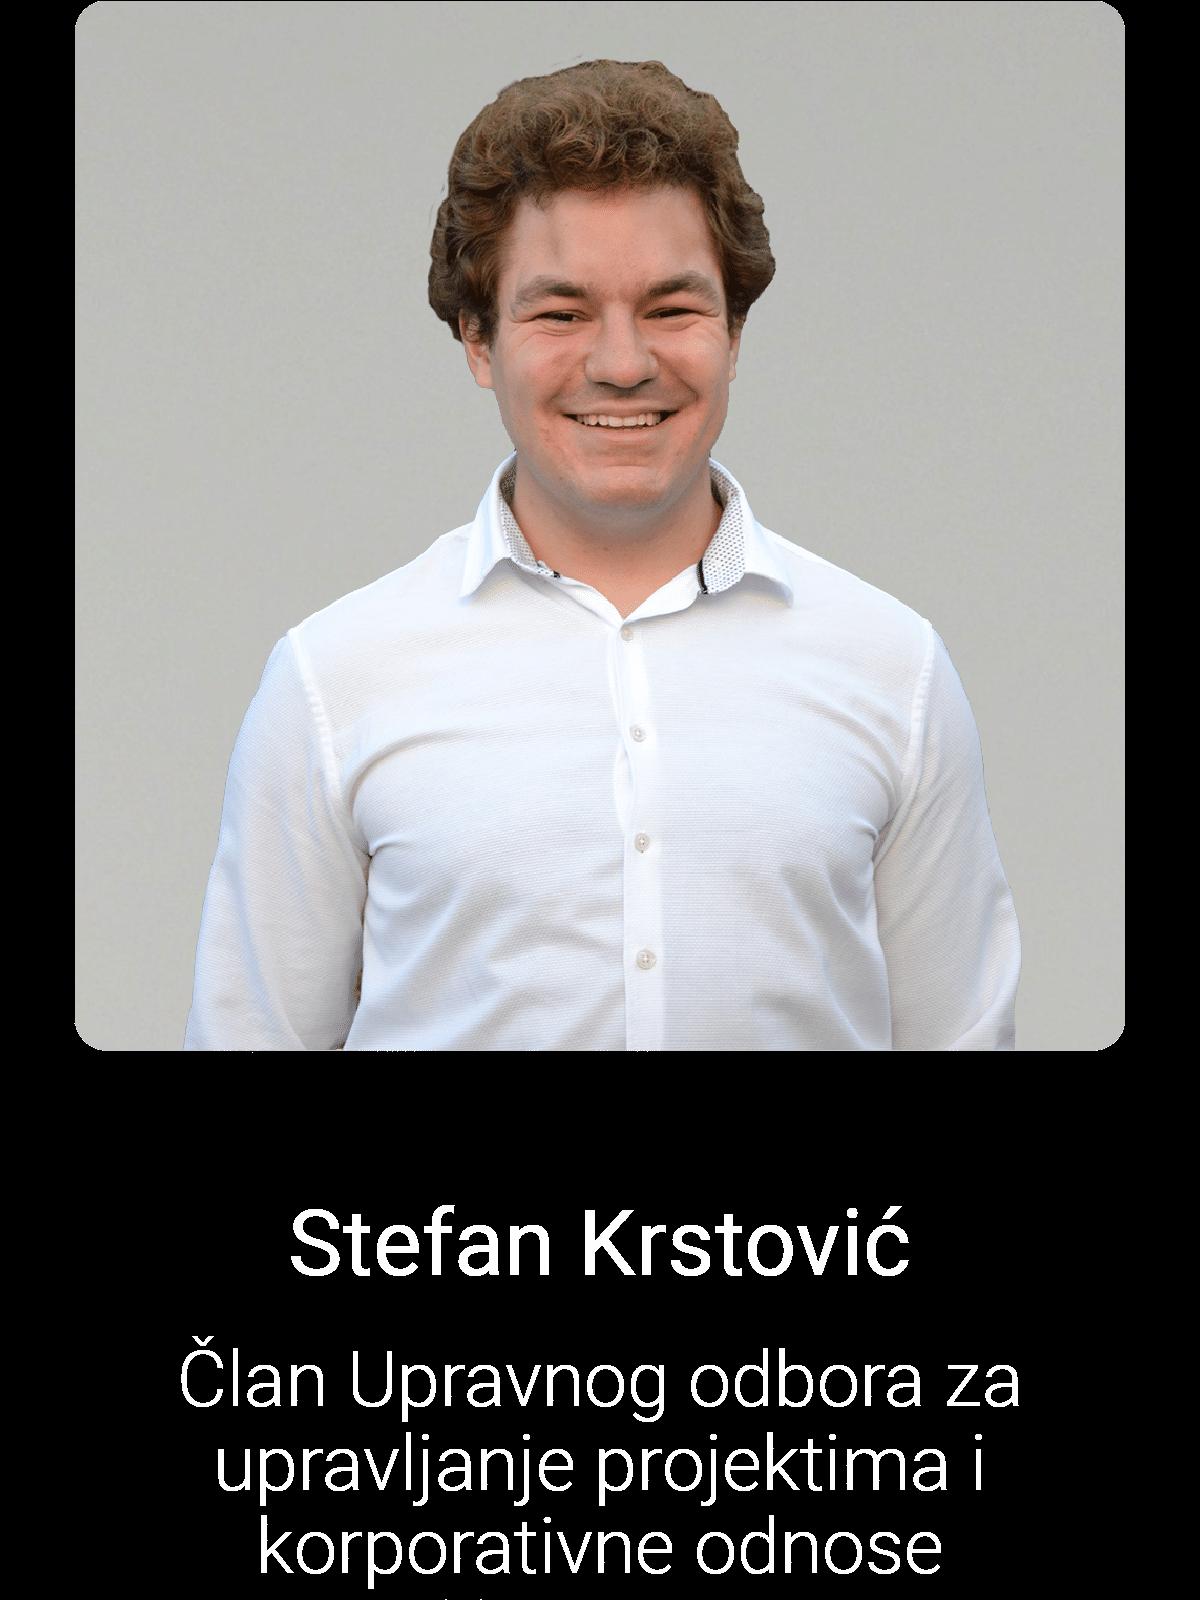 Stefan Krstović